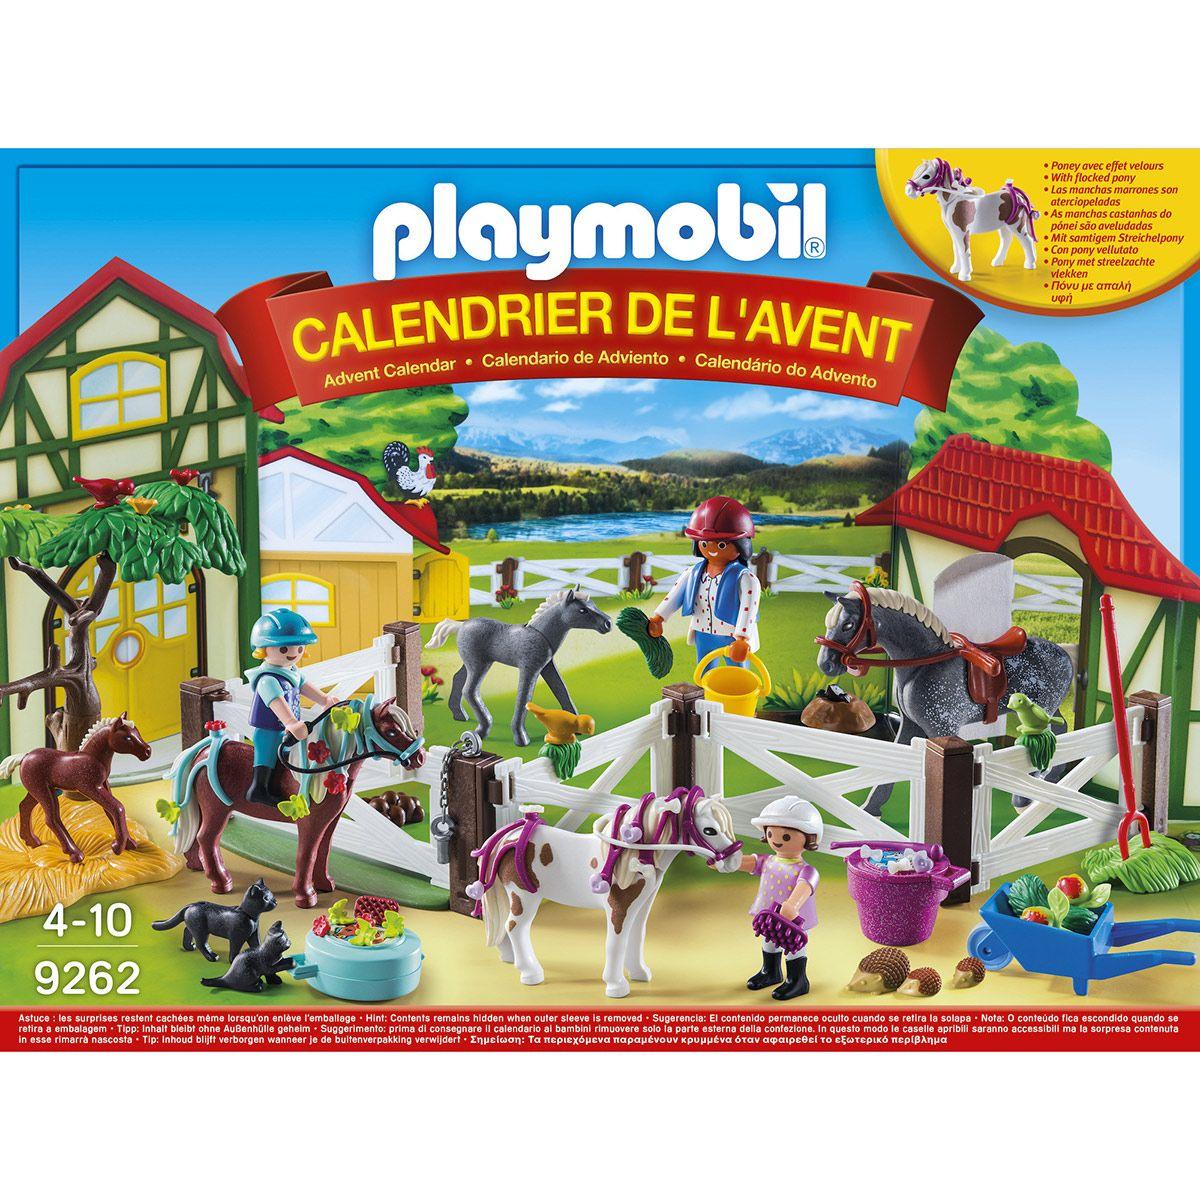 De 9262 Centre Calendrier Playmobil Jeux L'avent Équestre 0PknwO